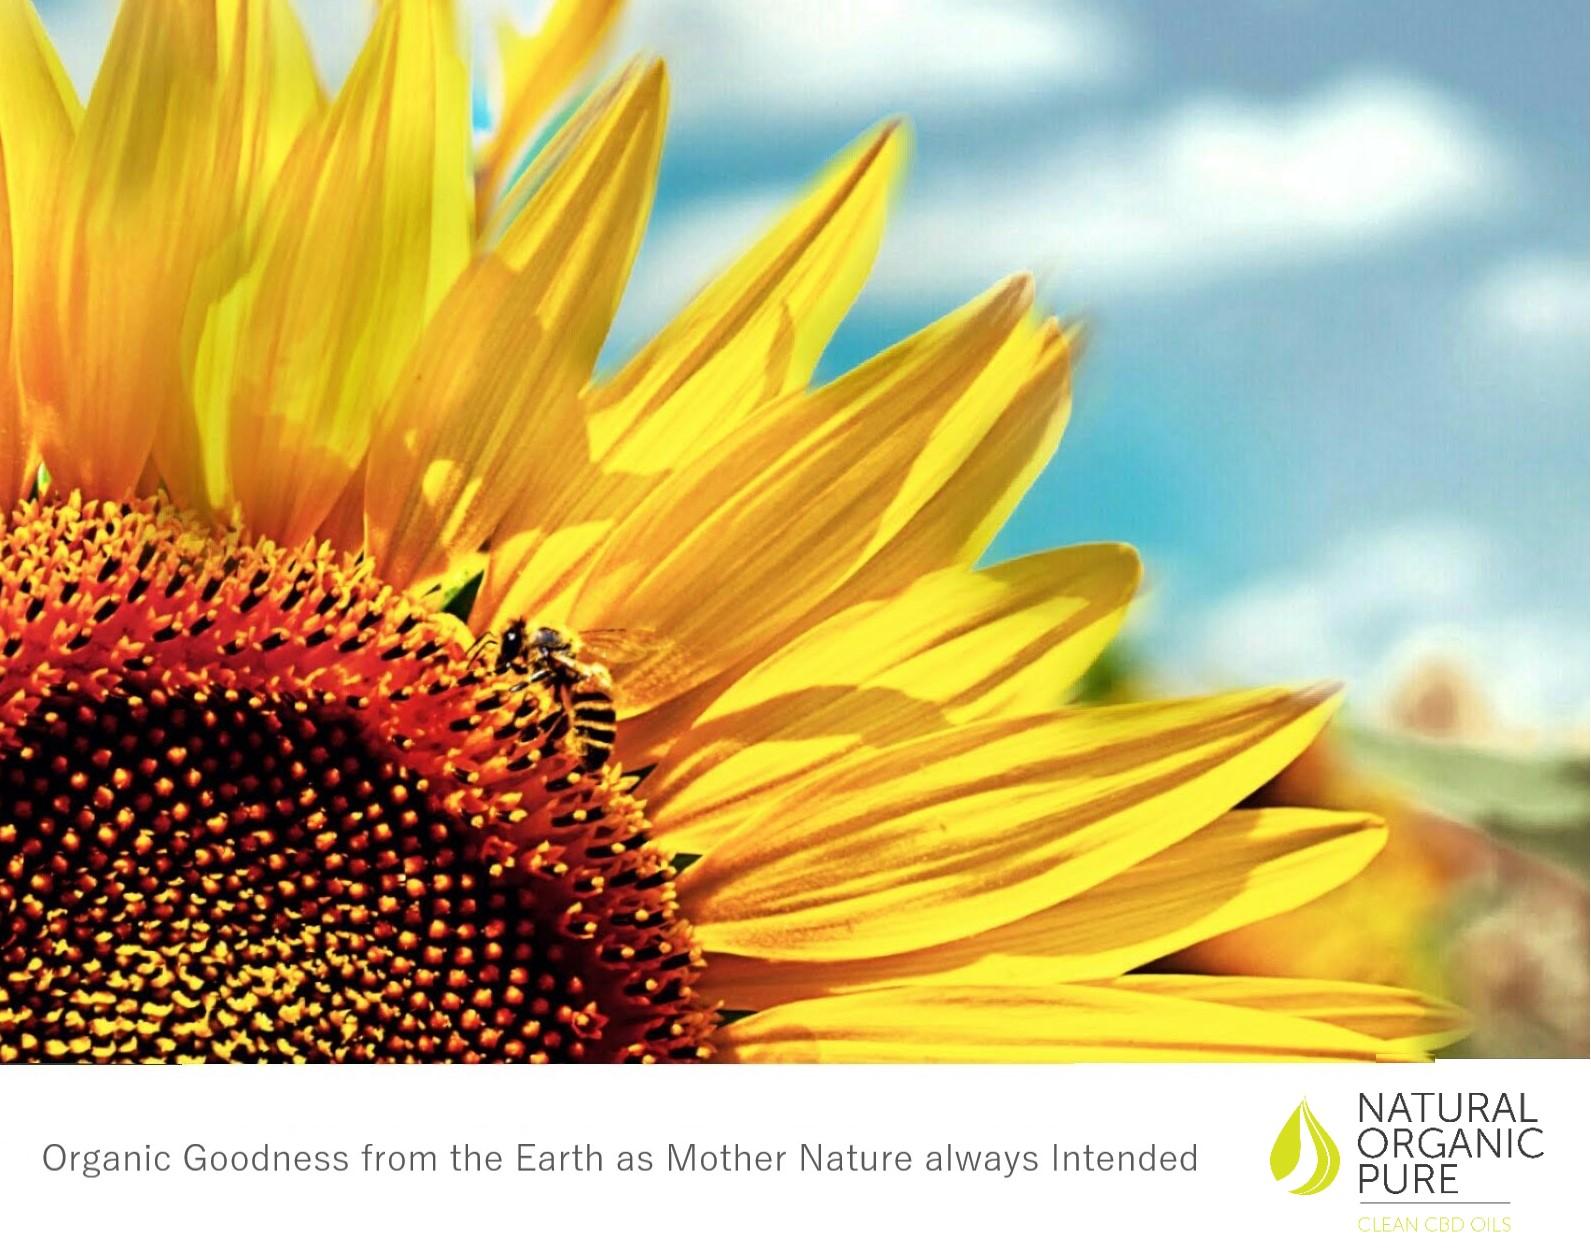 huiles de cdb par | huiles naturelles pures bio propres | strapline de bonté organique naturelle | tournesol avec abeille